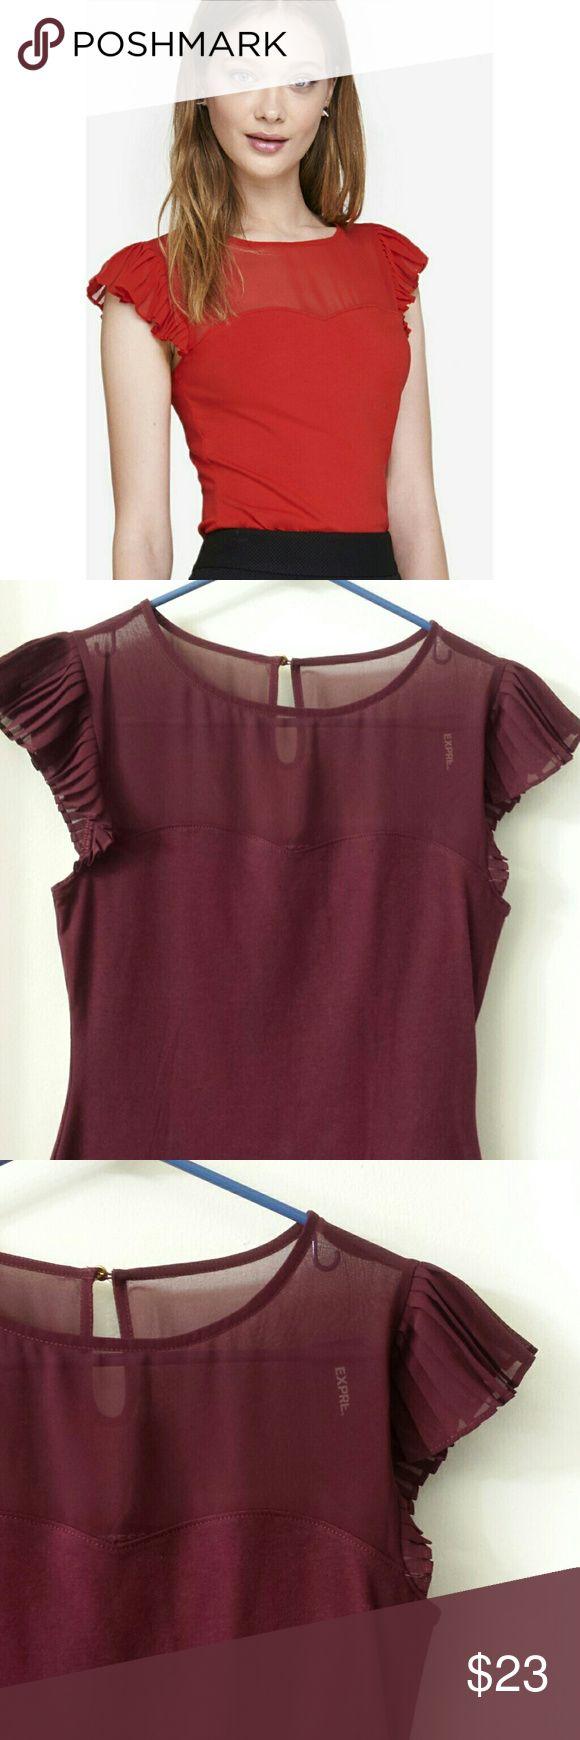 Purple Express flutter sleeve top Express pleated flutter sleeve top in plum. NWT. Express Tops Tees - Short Sleeve